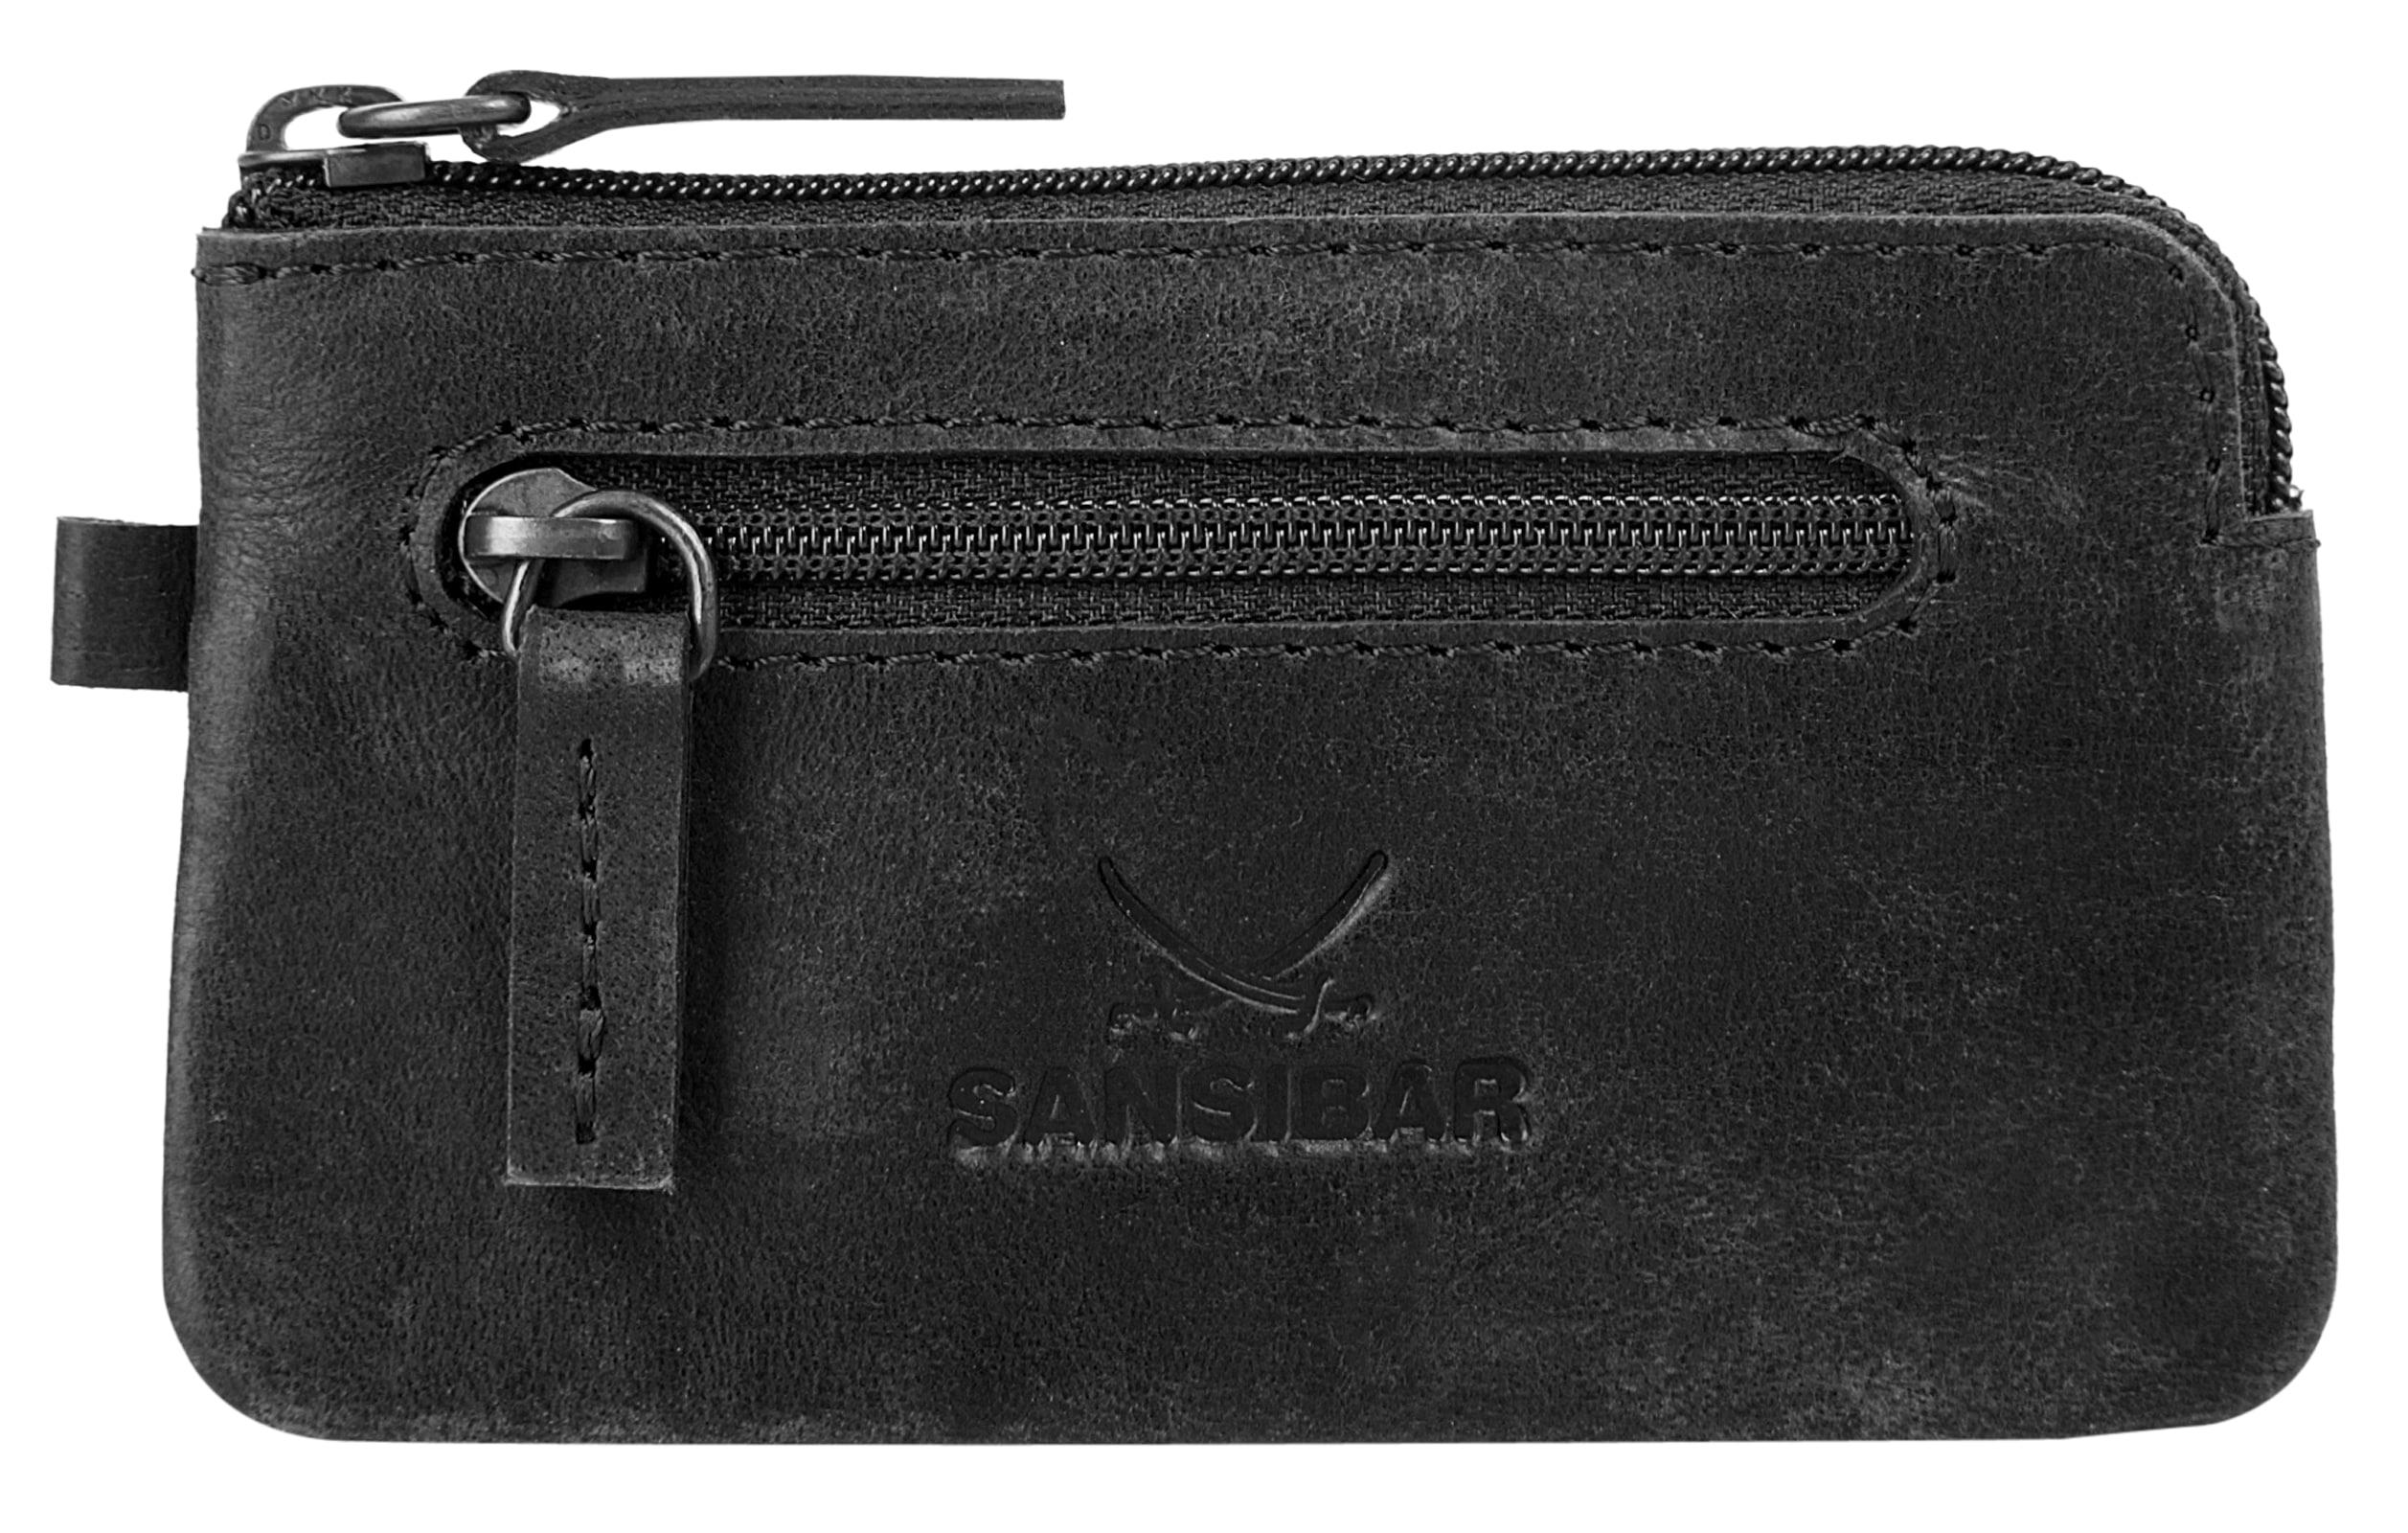 Sansibar Schlüsseltasche Damenmode/Schmuck & Accessoires/Taschen/Schlüsseltaschen